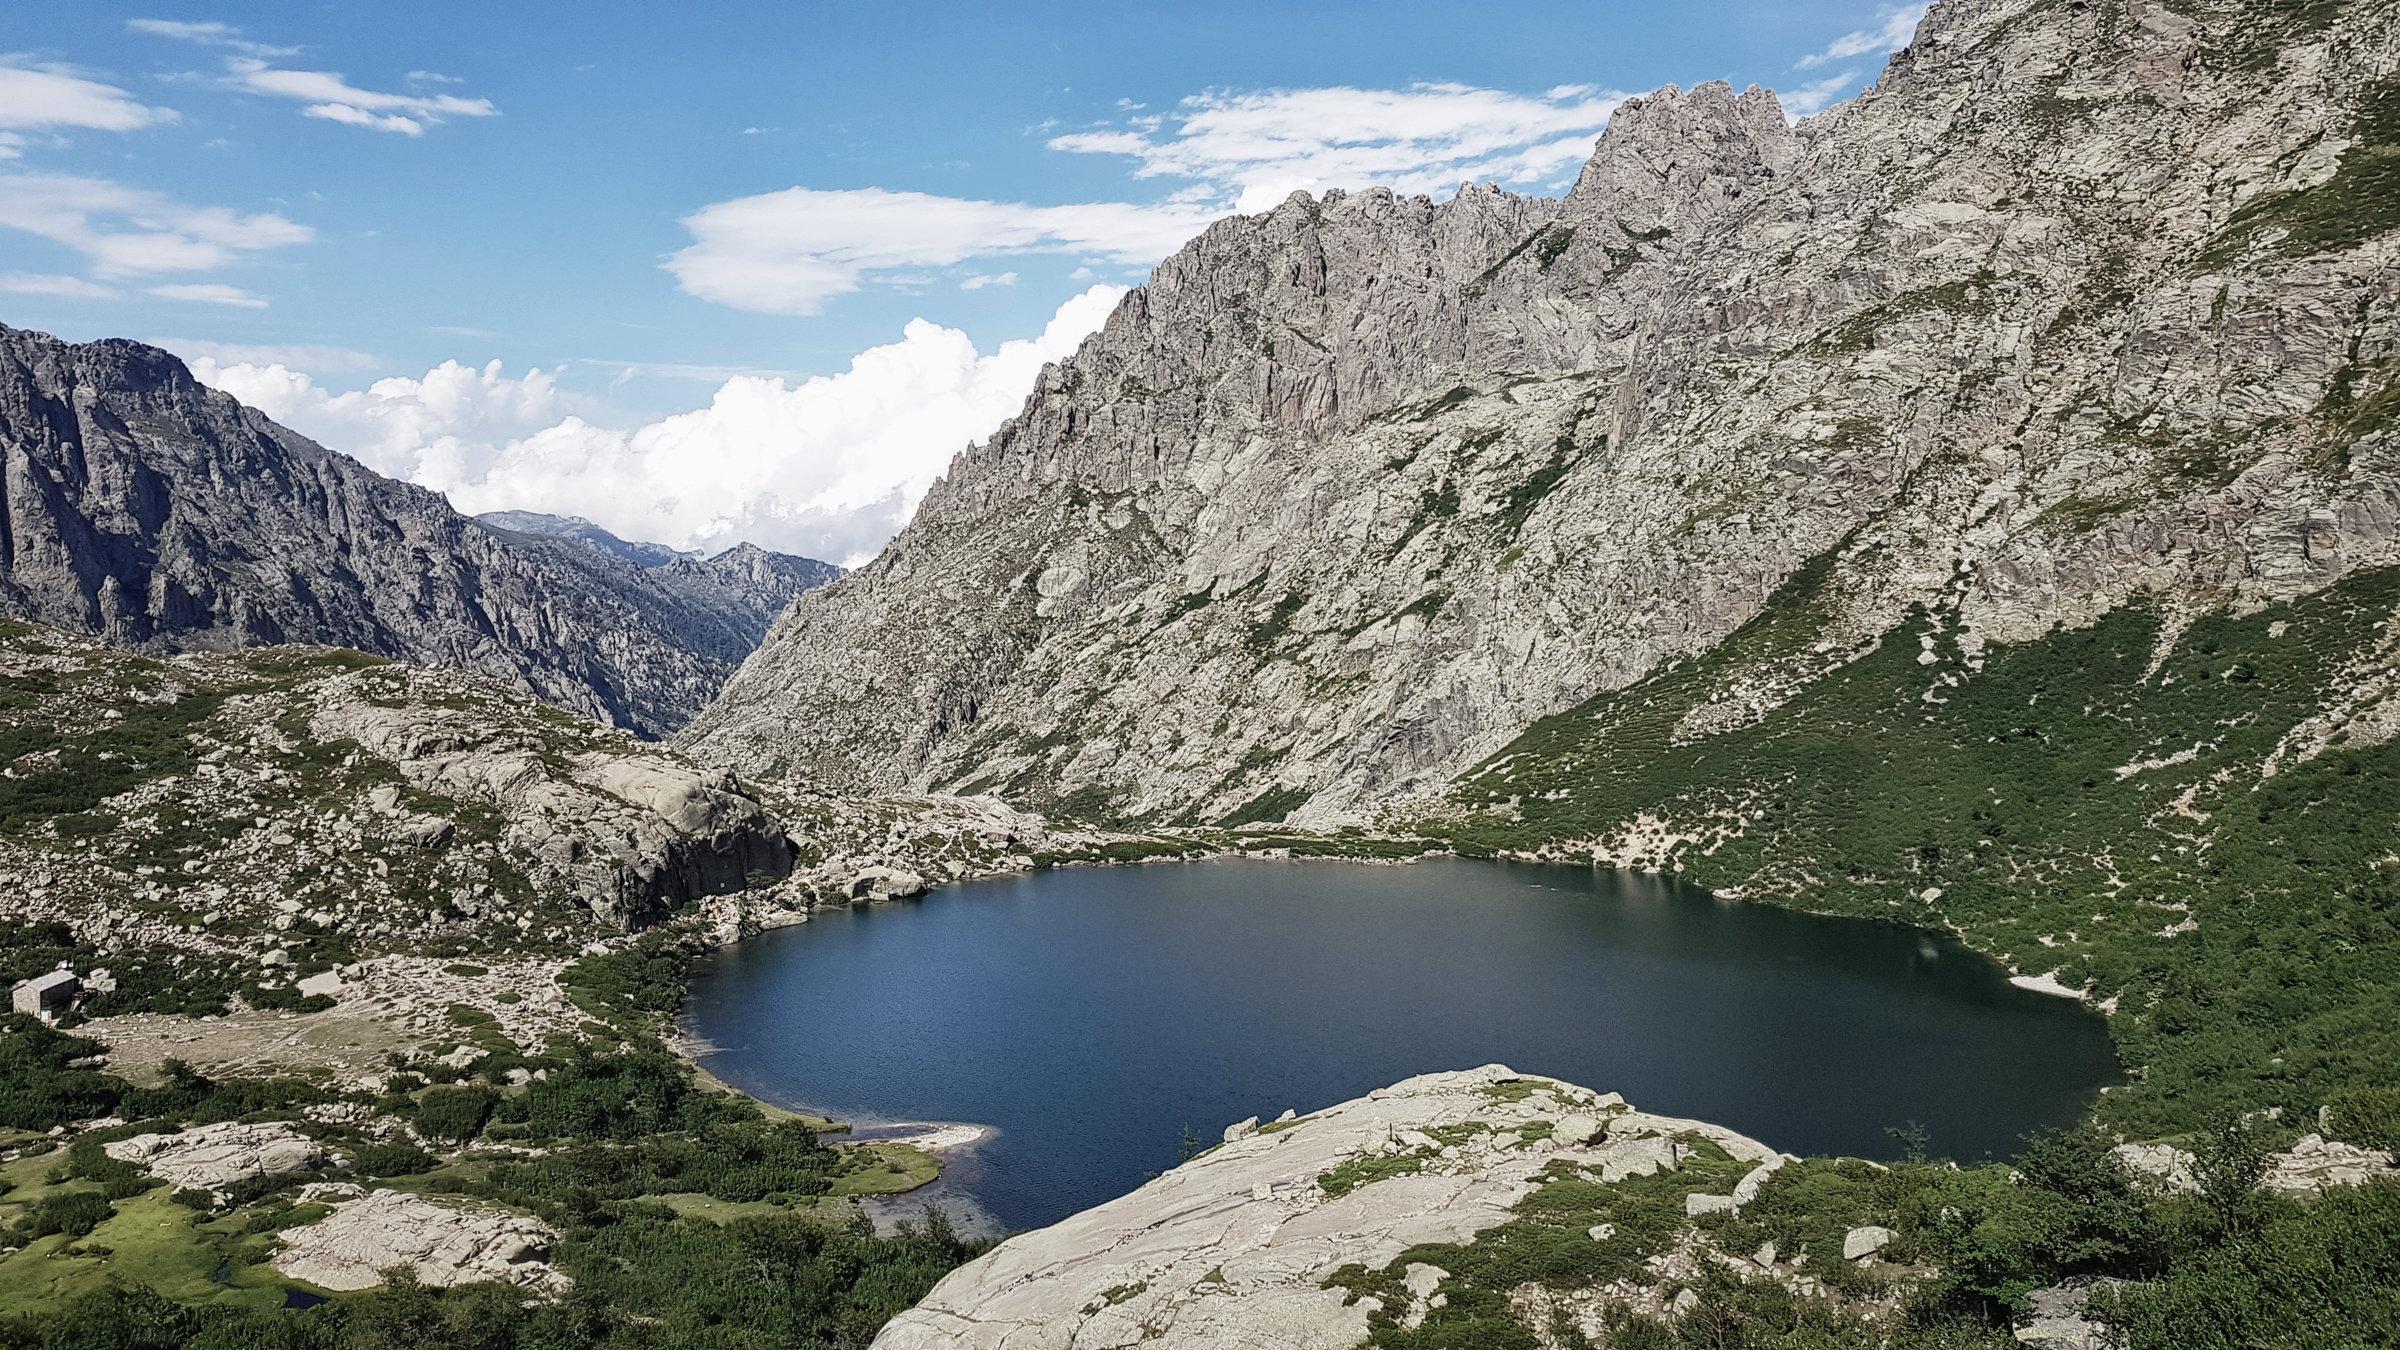 Der Melo See - beliebtes Ziel von Tagesauflüglern im Restonica Tal, Korsika, GR20 Weitwanderweg, Wandern, Berge, Frankreich